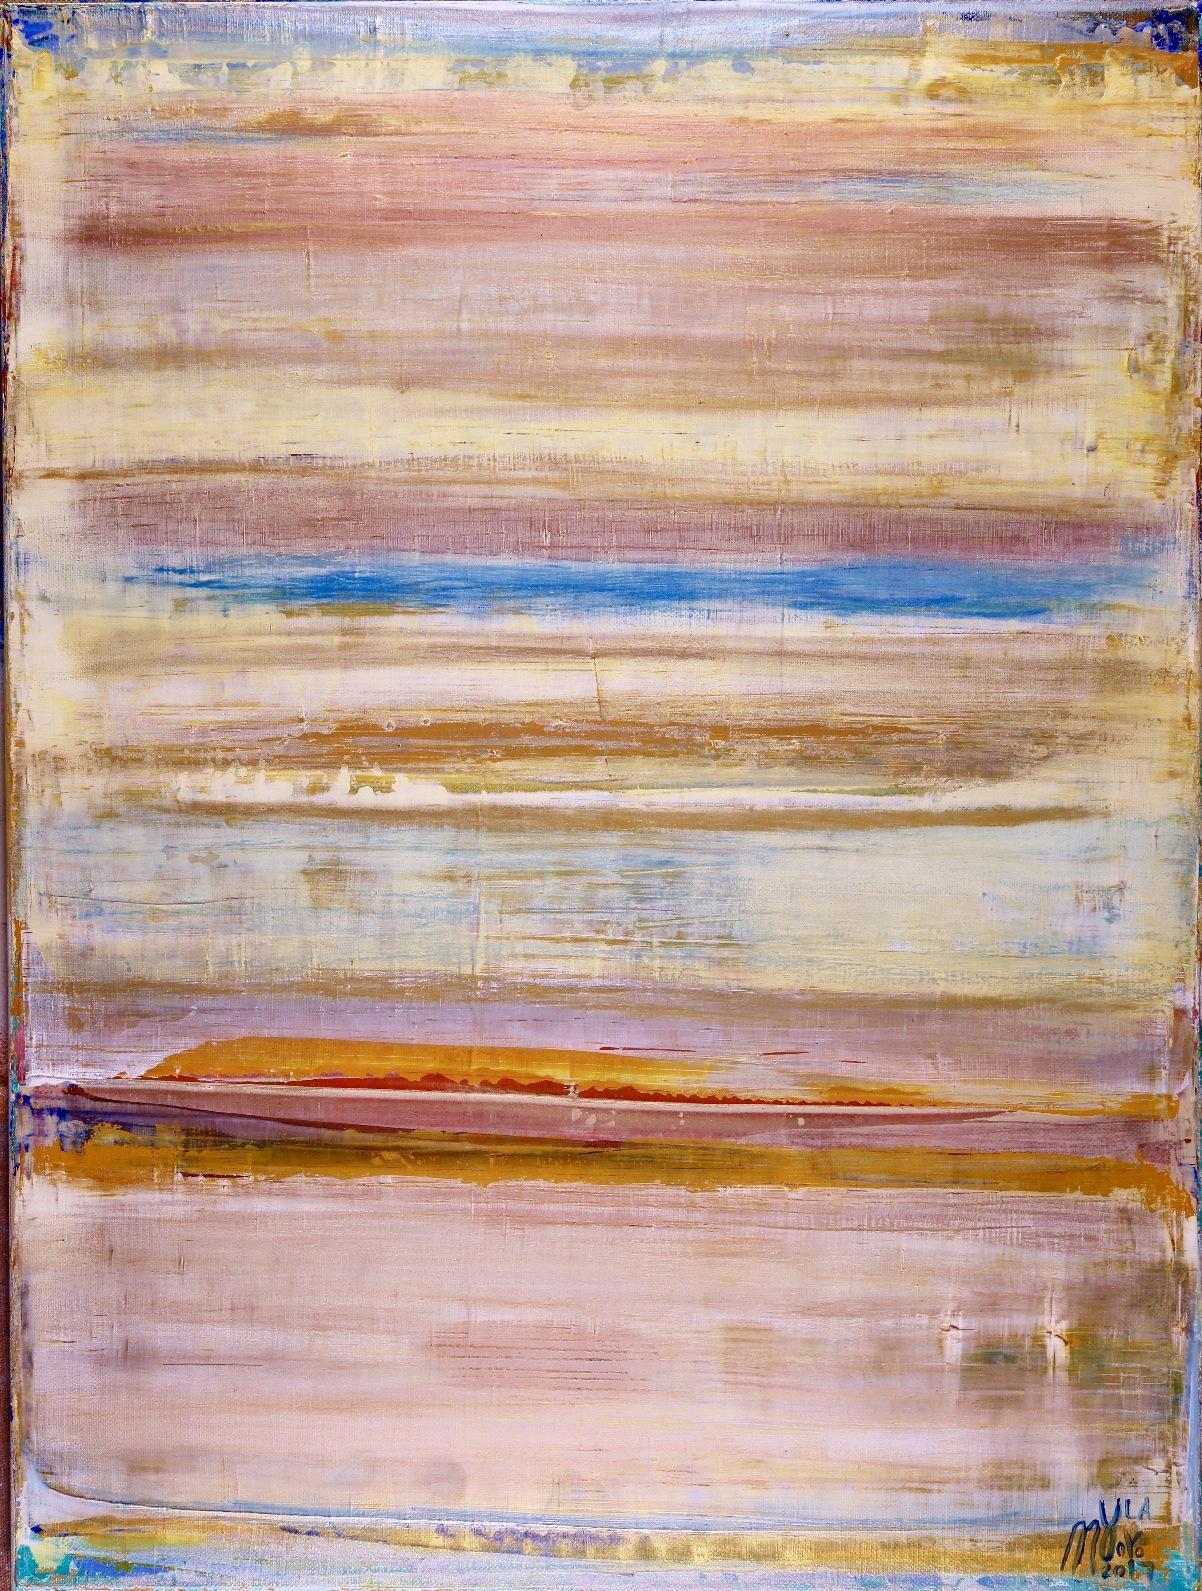 Dimensional Terrain (Thin Air) - SOLD - artist Nestor Toro